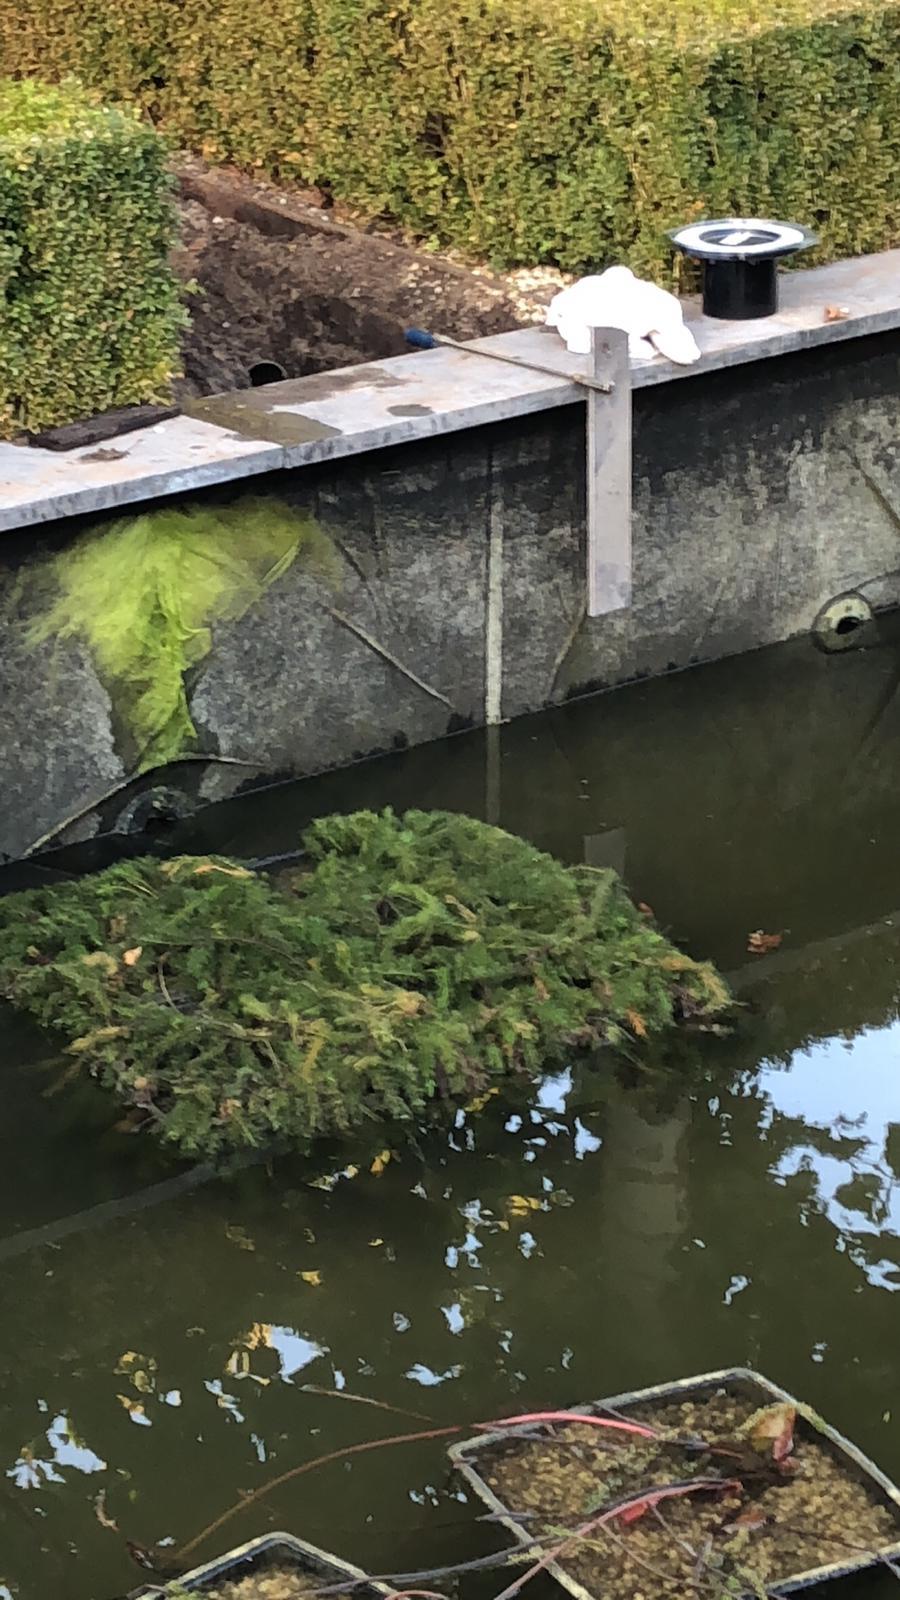 vijverrenovatie Krimpen aan den IJssel